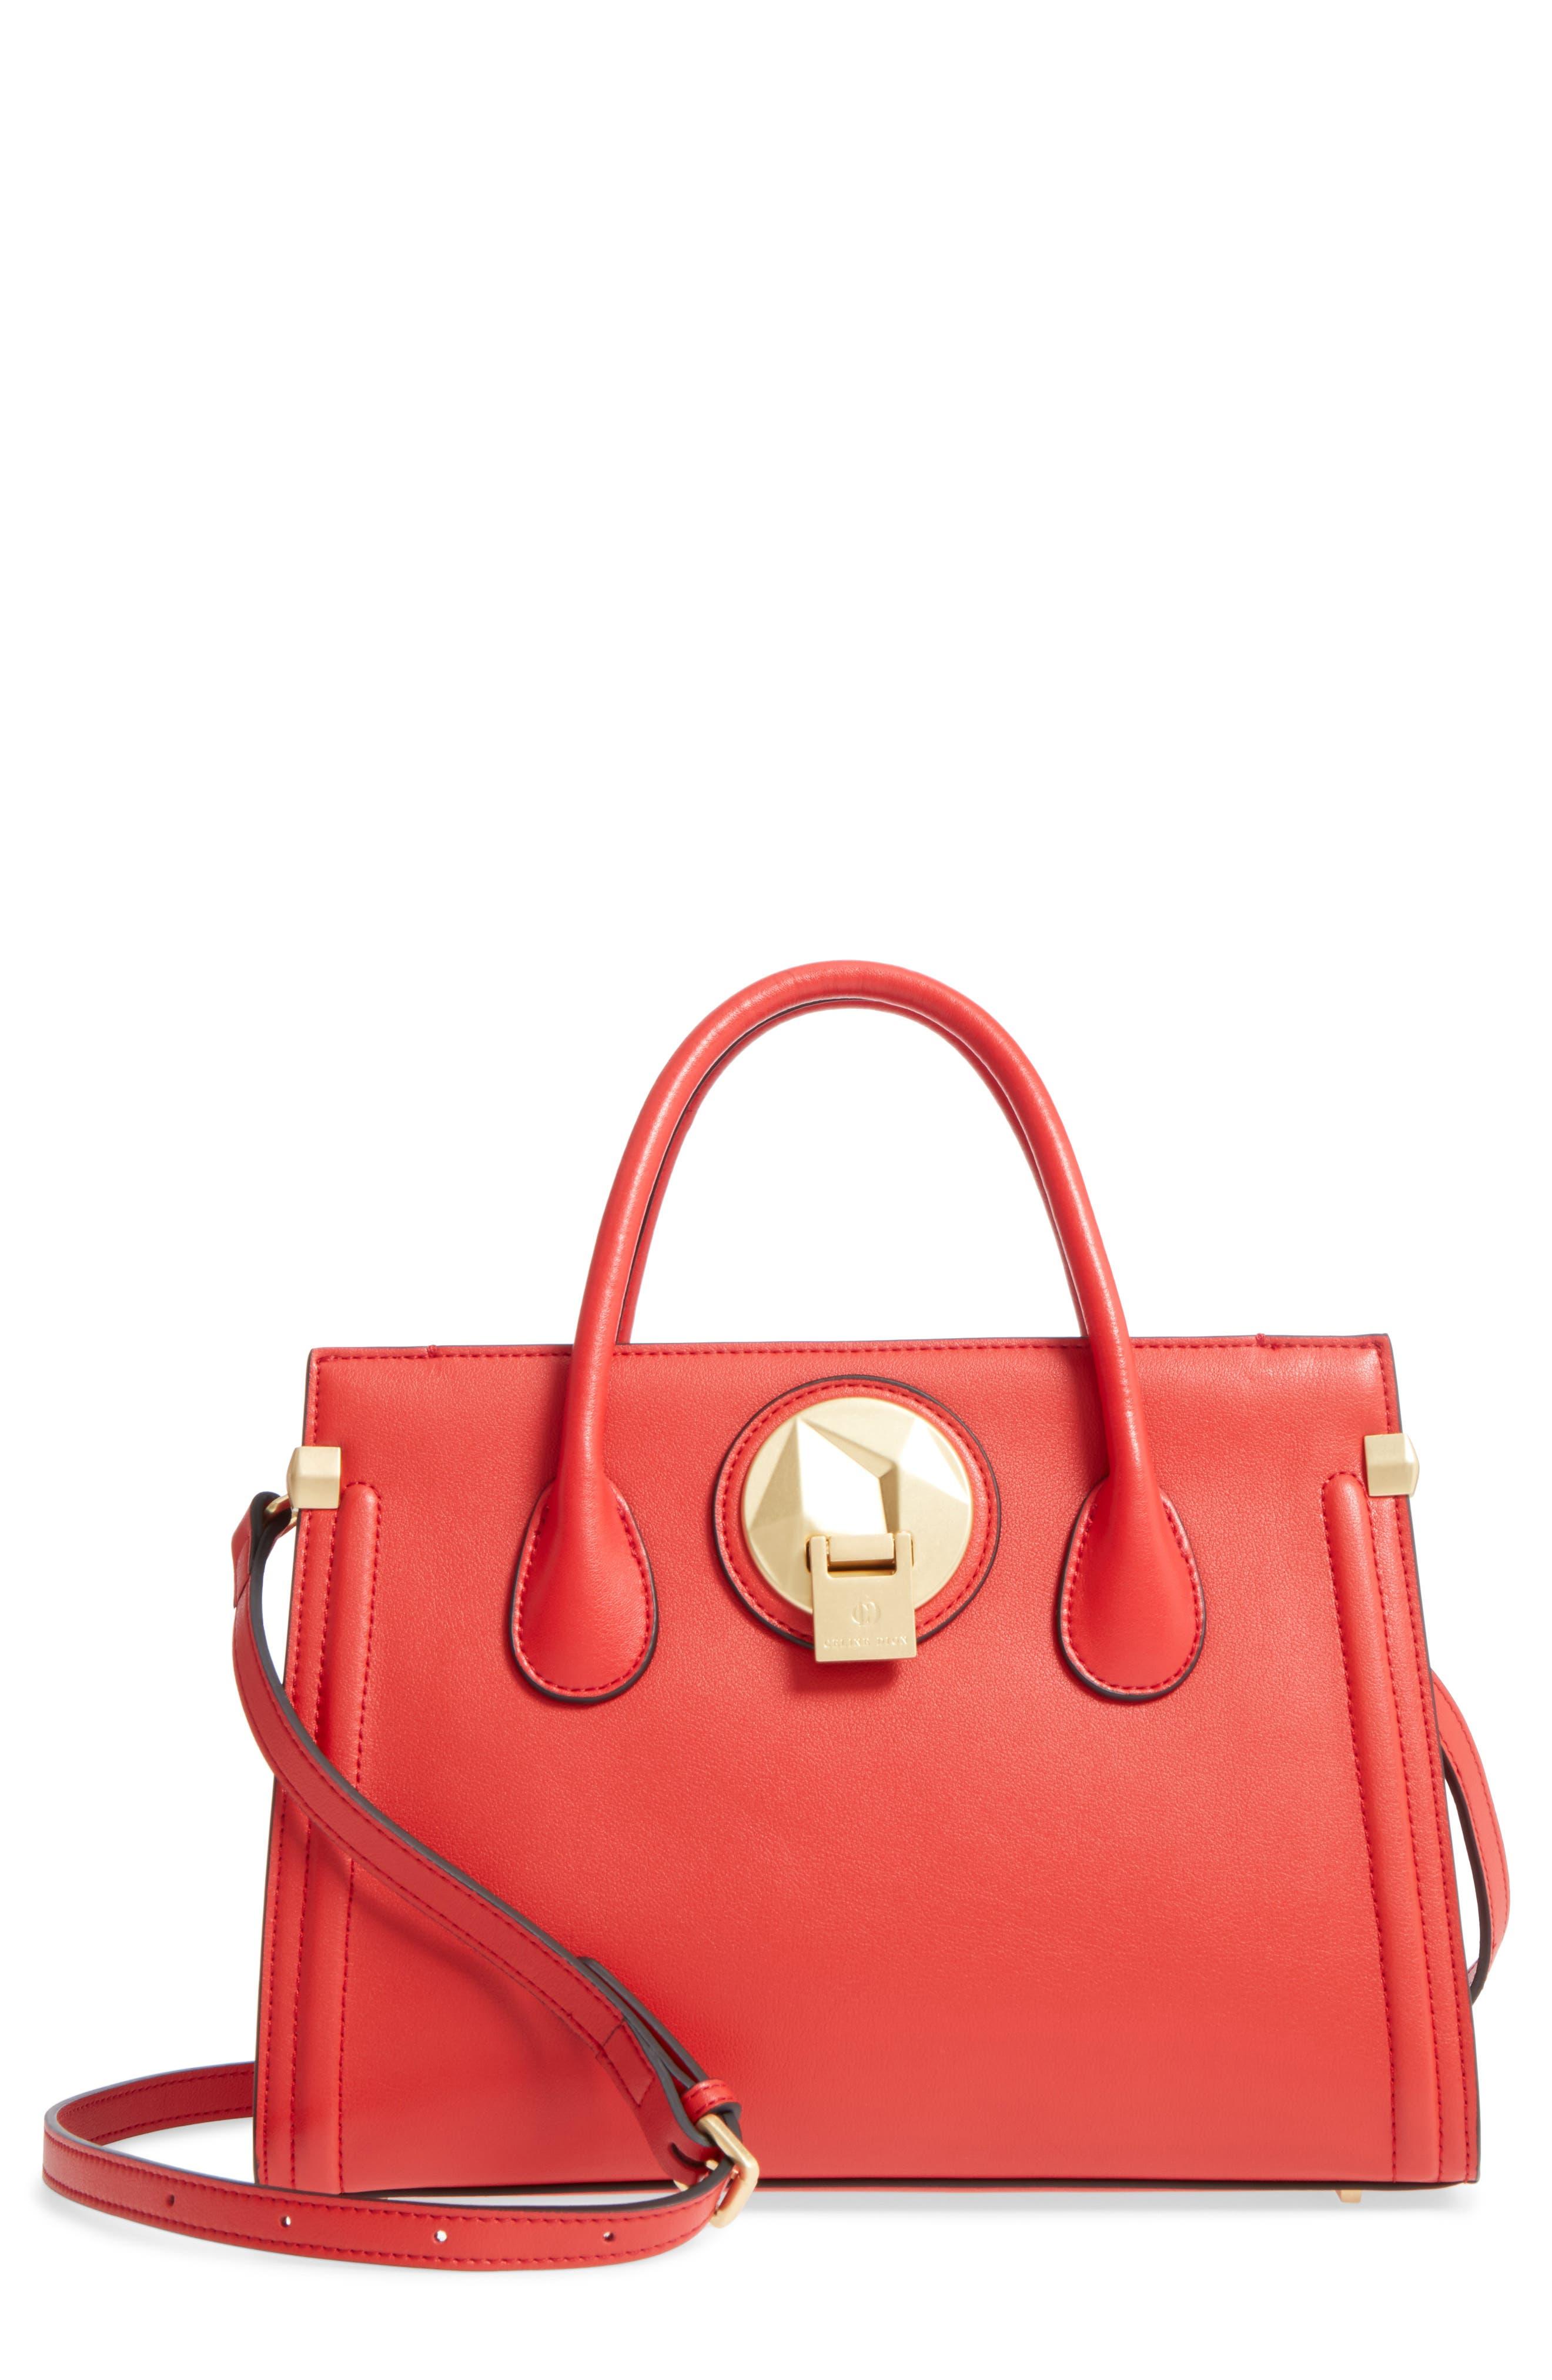 Céline Dion Octave Leather Satchel,                             Main thumbnail 1, color,                             600